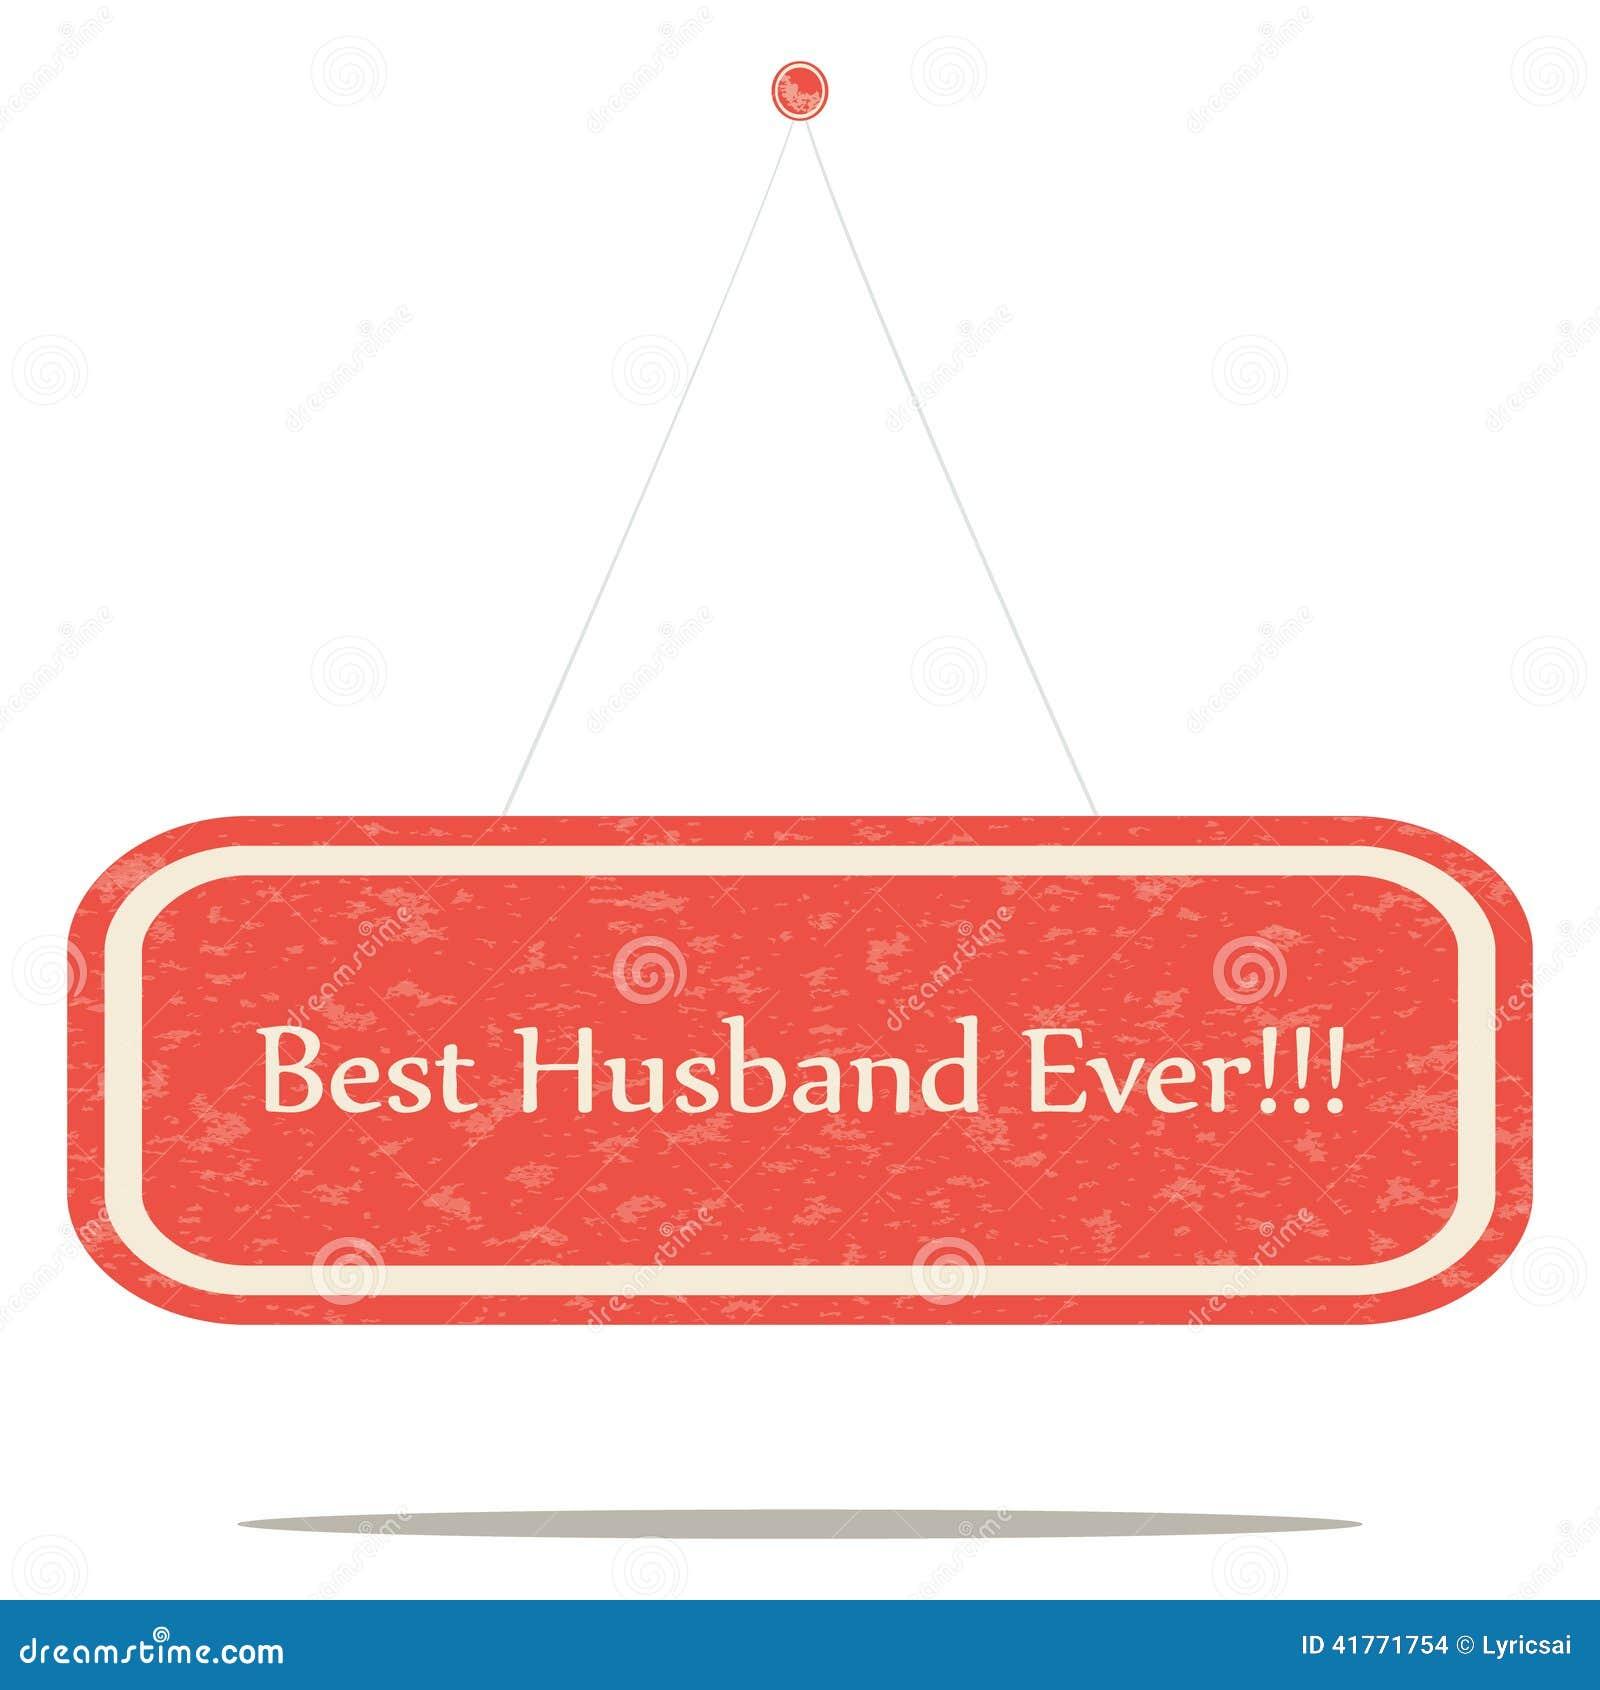 Beste echtgenoot ooit